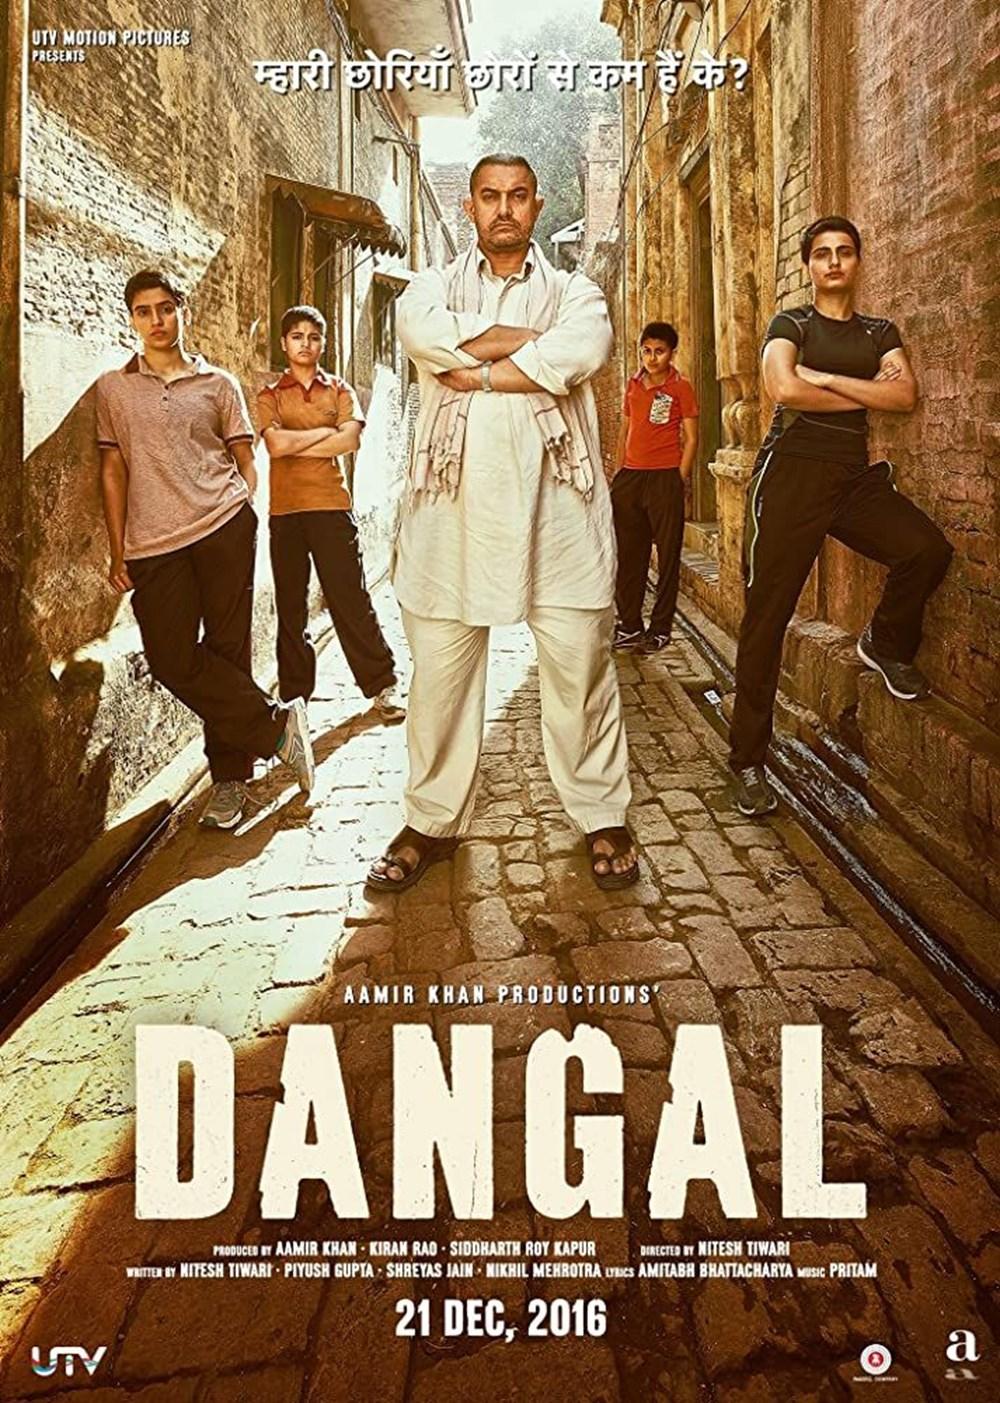 En iyi Aamir Khan filmleri (Aamir Khan'ın izlenmesi gereken filmleri) - 28